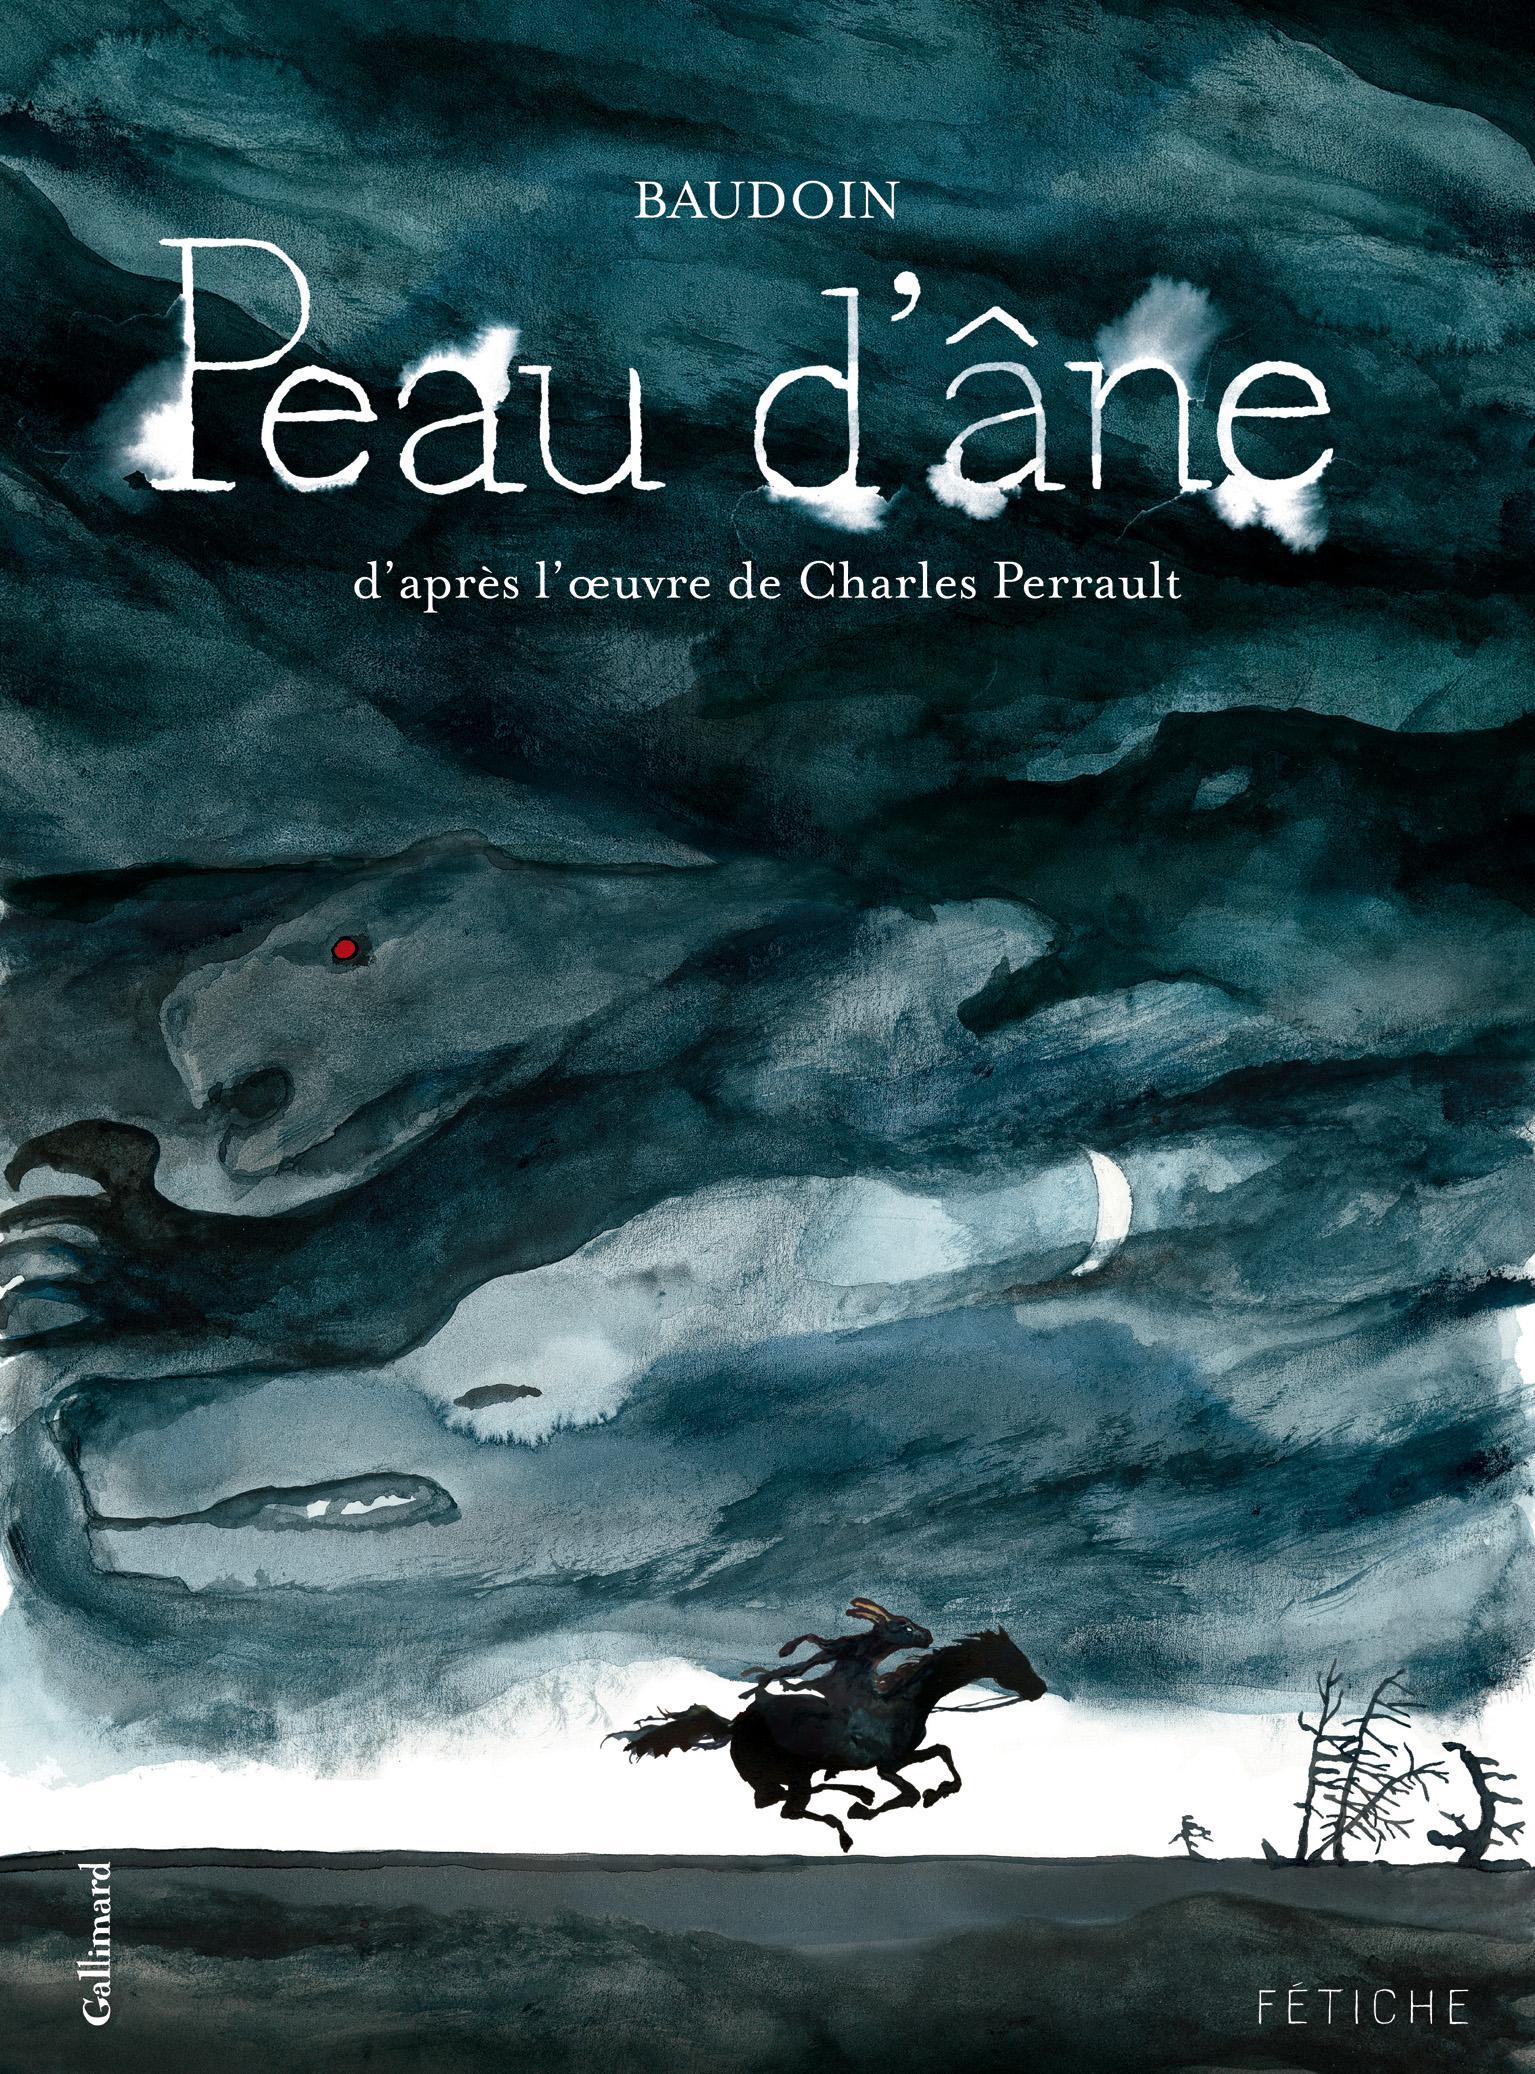 Peau d'âne - Edmond Baudoin